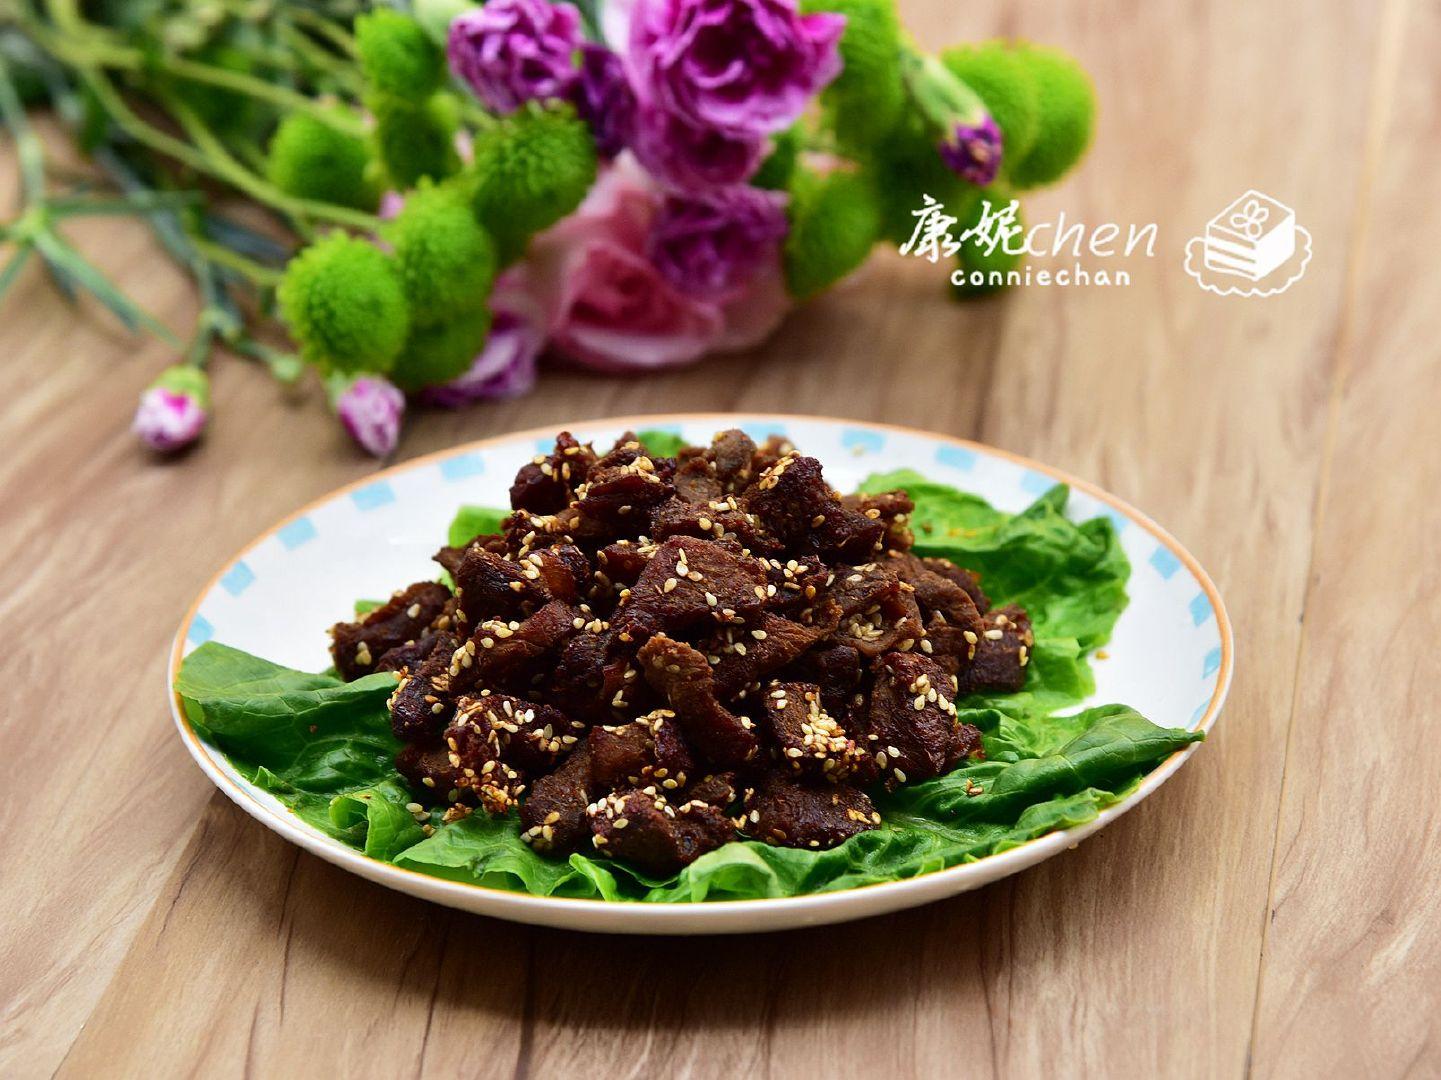 孜然牛肉粒简单易做,多做几分钟还能变零食